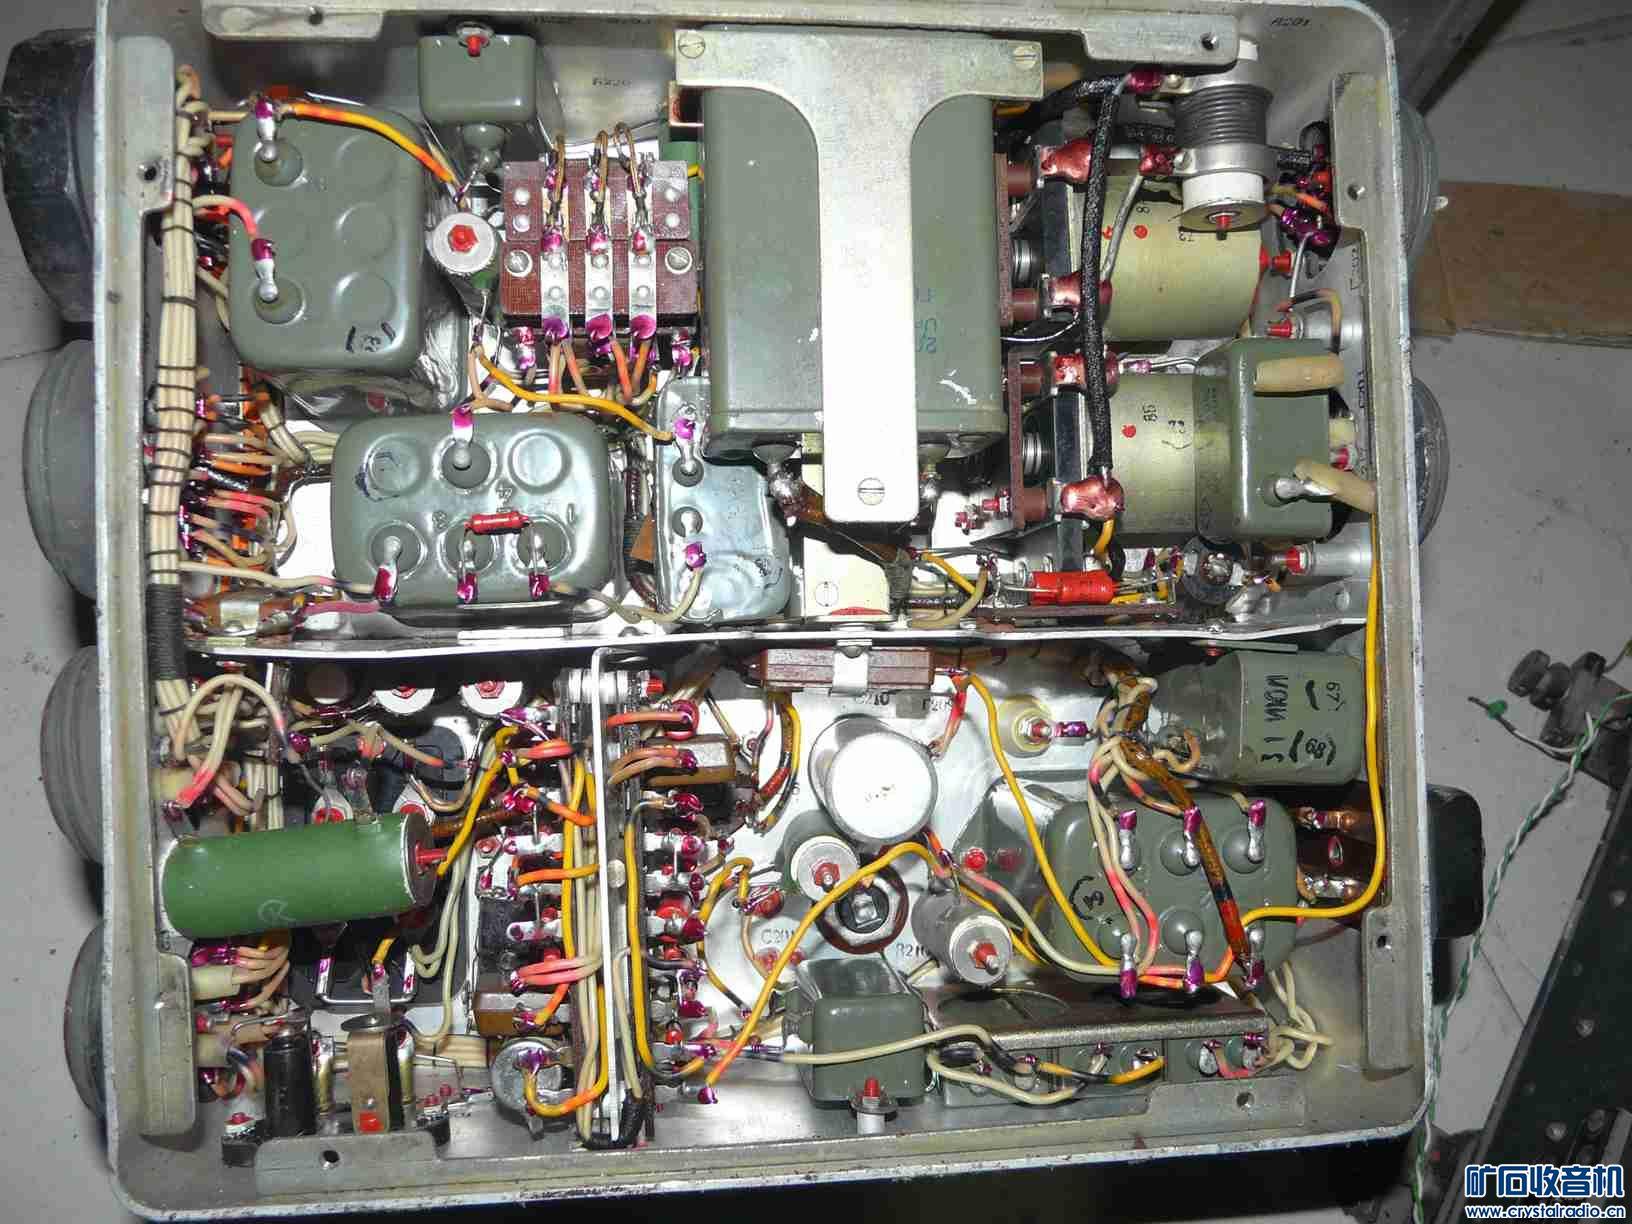 飞机上的一个电机  不知道具体用途   很重  500一个  有研究的吗